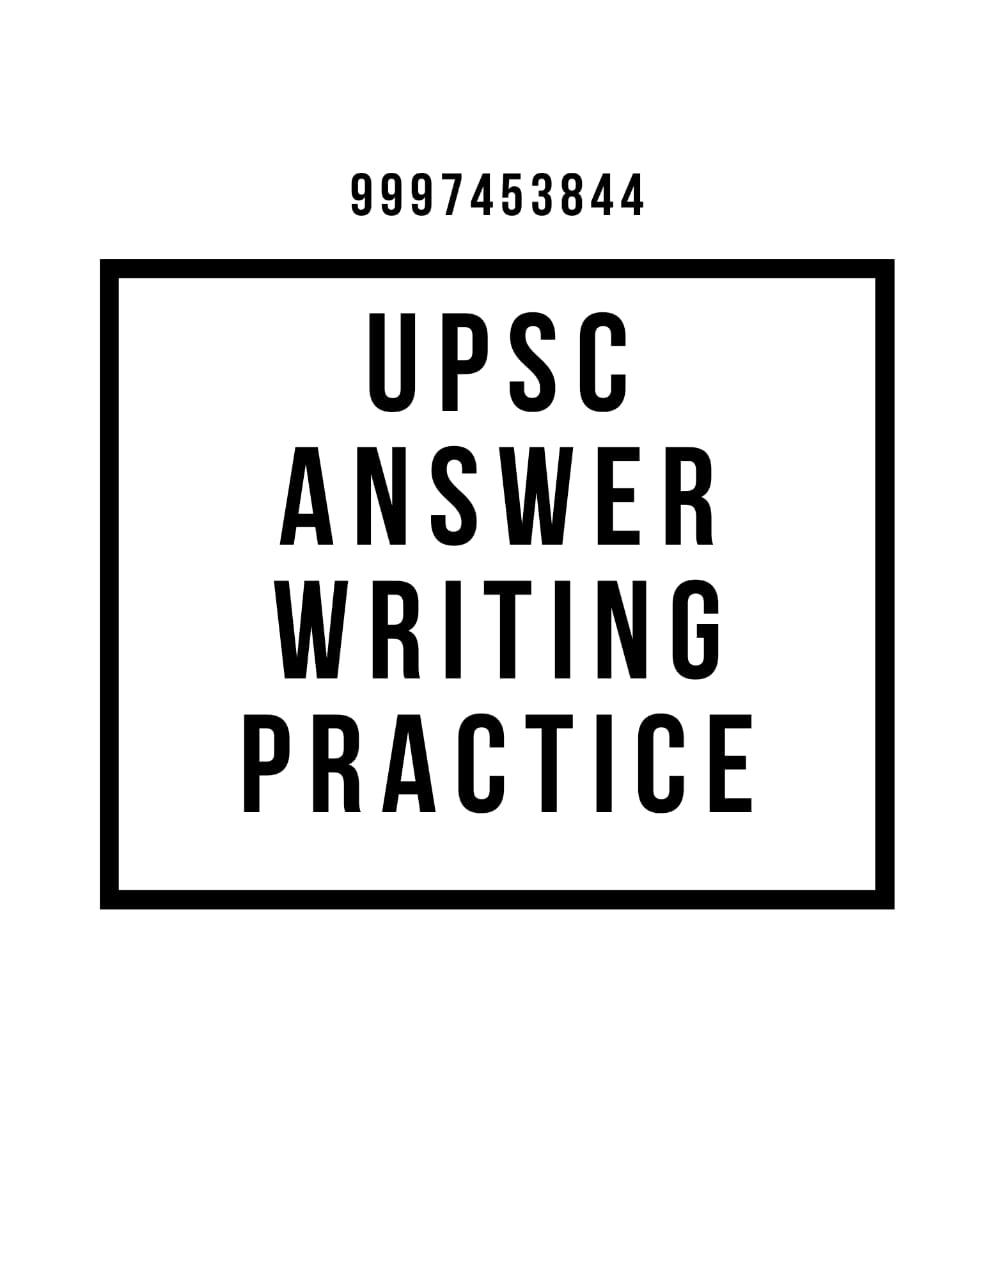 UPSC answer writing